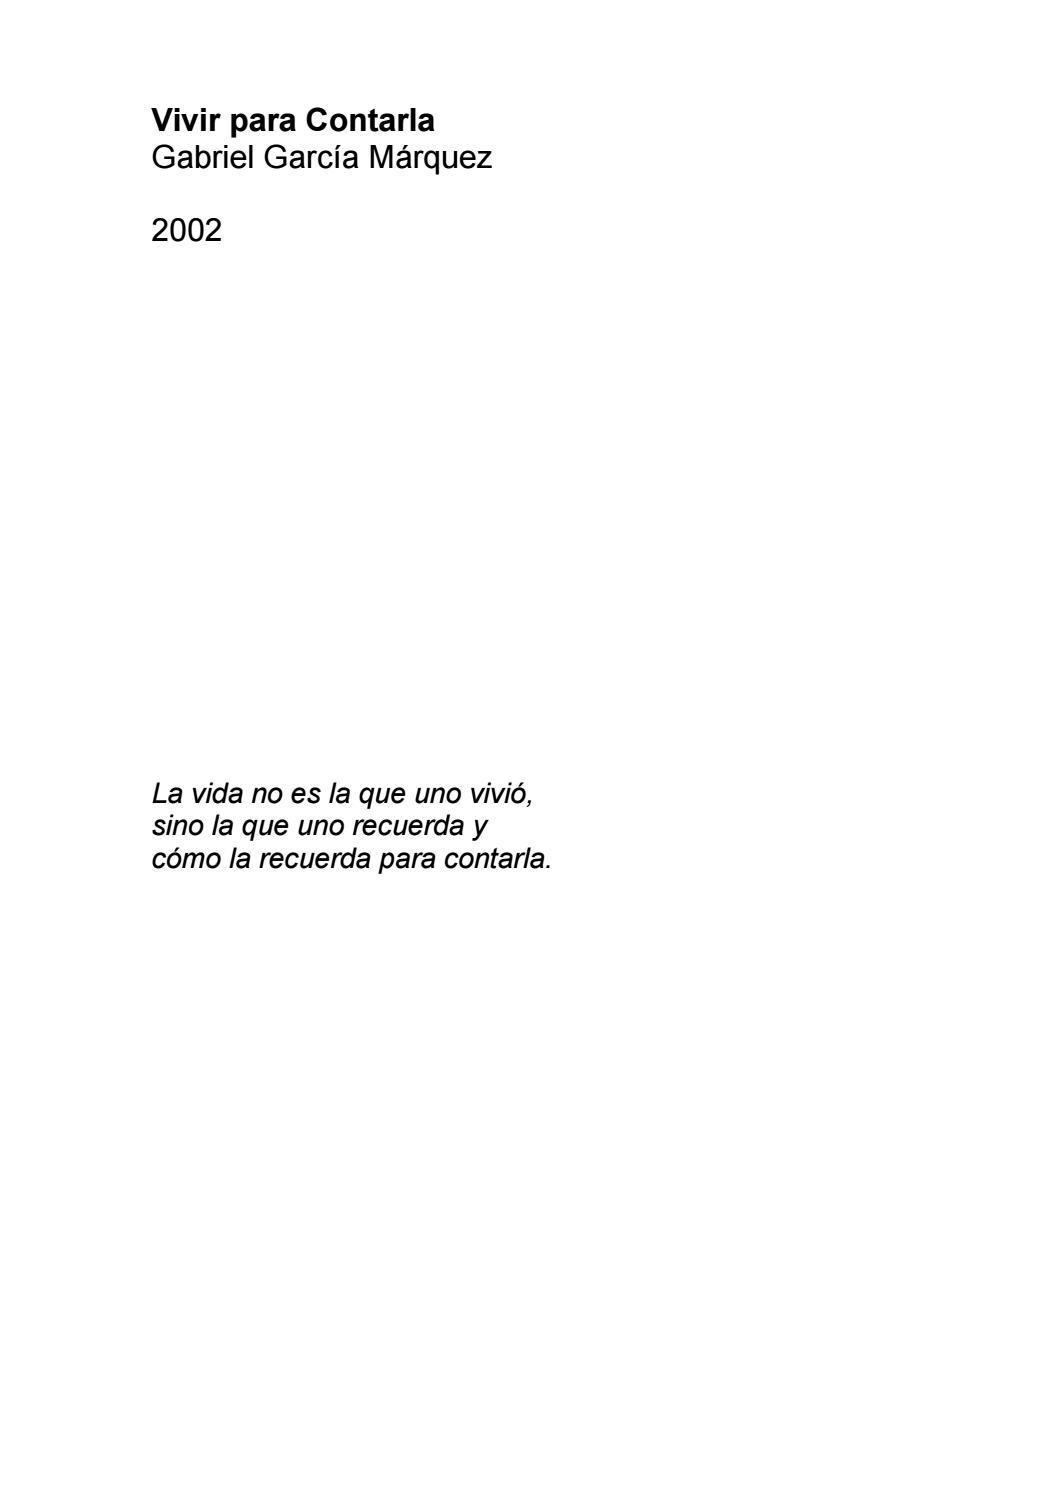 Vivir para contarla by Rosalinda Mirian - issuu